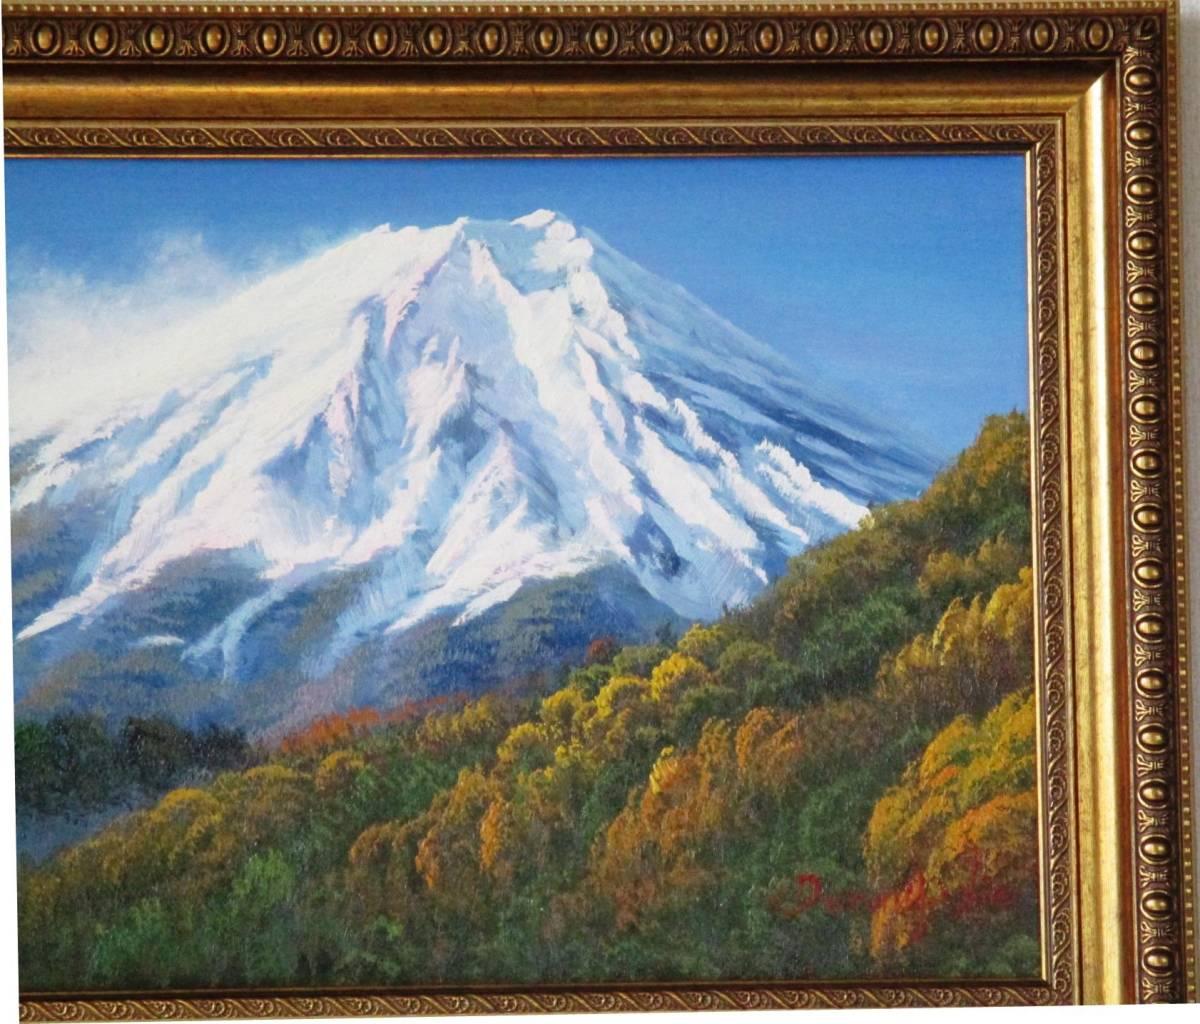 絵画 油絵 油彩 風景画 紅葉の御坂富士 F6 WG14 新製品の額縁での出品となります。お部屋のイメージを変えてみませんか。  _画像7